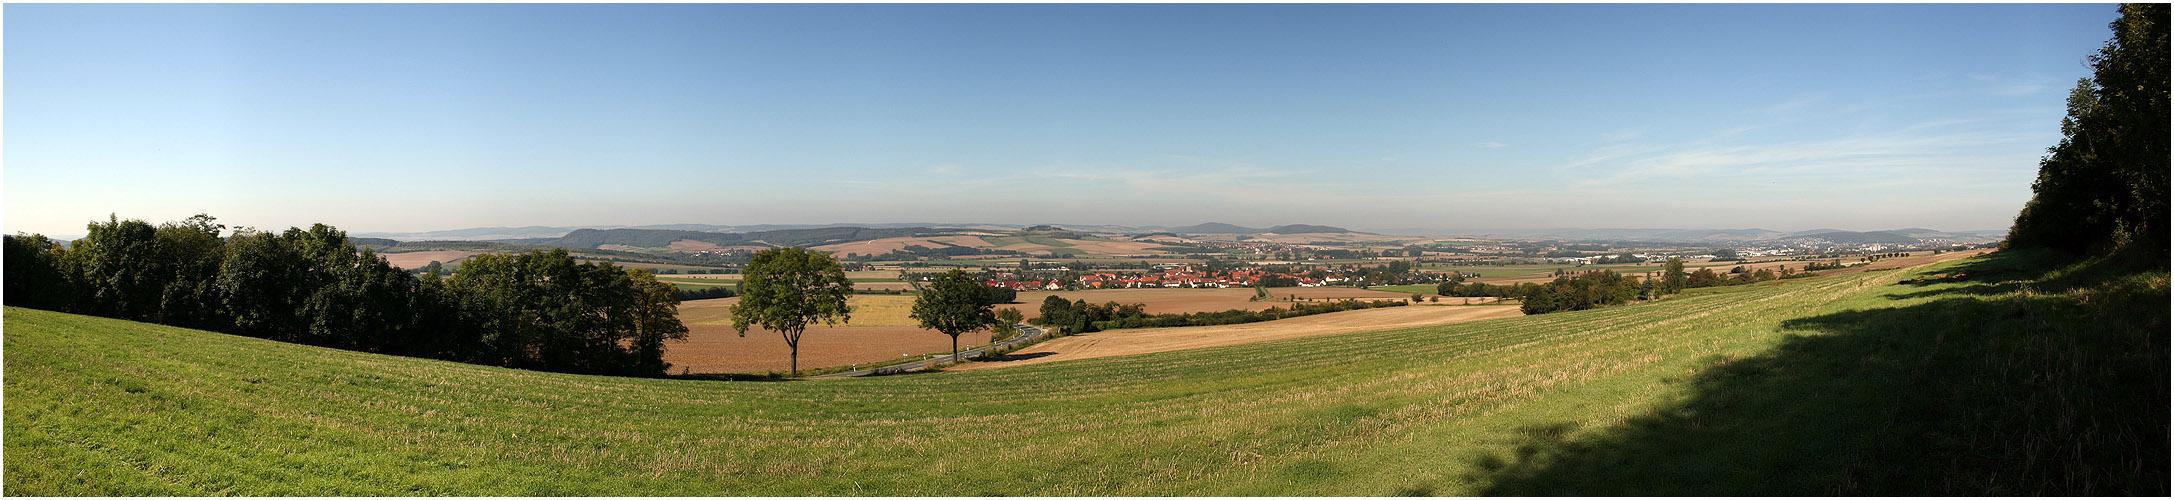 Das Leinetal zwischen Nörten-Hardenberg und Northeim